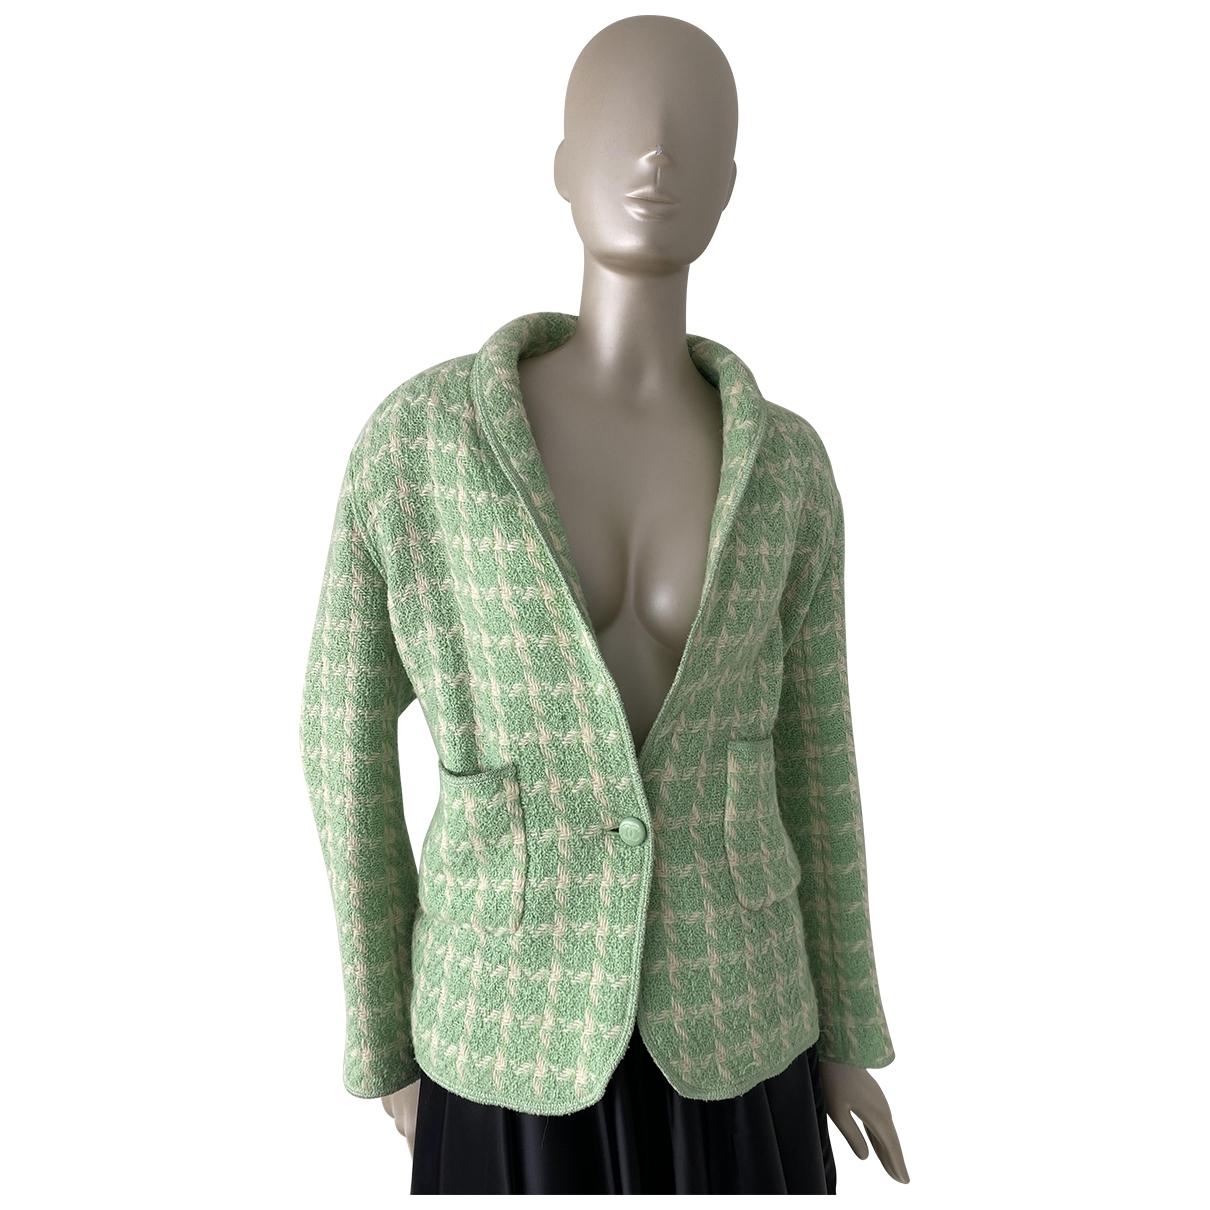 Chanel \N Jacke in  Gruen Wolle